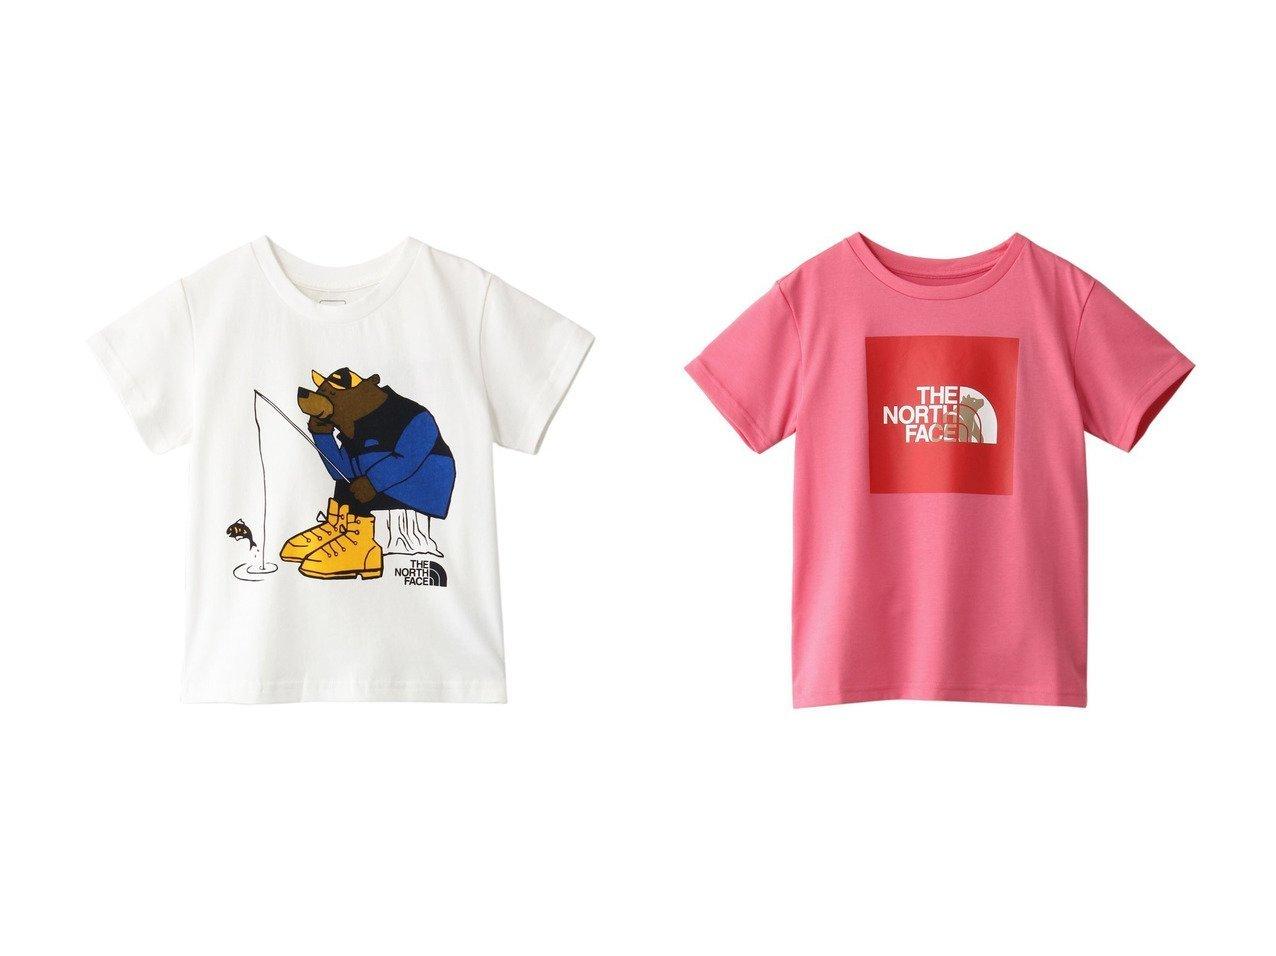 【THE NORTH FACE / KIDS/ザ ノース フェイス】の【KIDS】ショートスリーブグラフィックティー&【KIDS】ショートスリーブシレトコティー 【KIDS】子供服のおすすめ!人気トレンド・キッズファッションの通販  おすすめで人気の流行・トレンド、ファッションの通販商品 メンズファッション・キッズファッション・インテリア・家具・レディースファッション・服の通販 founy(ファニー) https://founy.com/ ファッション Fashion キッズファッション KIDS トップス・カットソー Tops/Tees/Kids アウトドア イラスト キャラクター 半袖 |ID:crp329100000034831